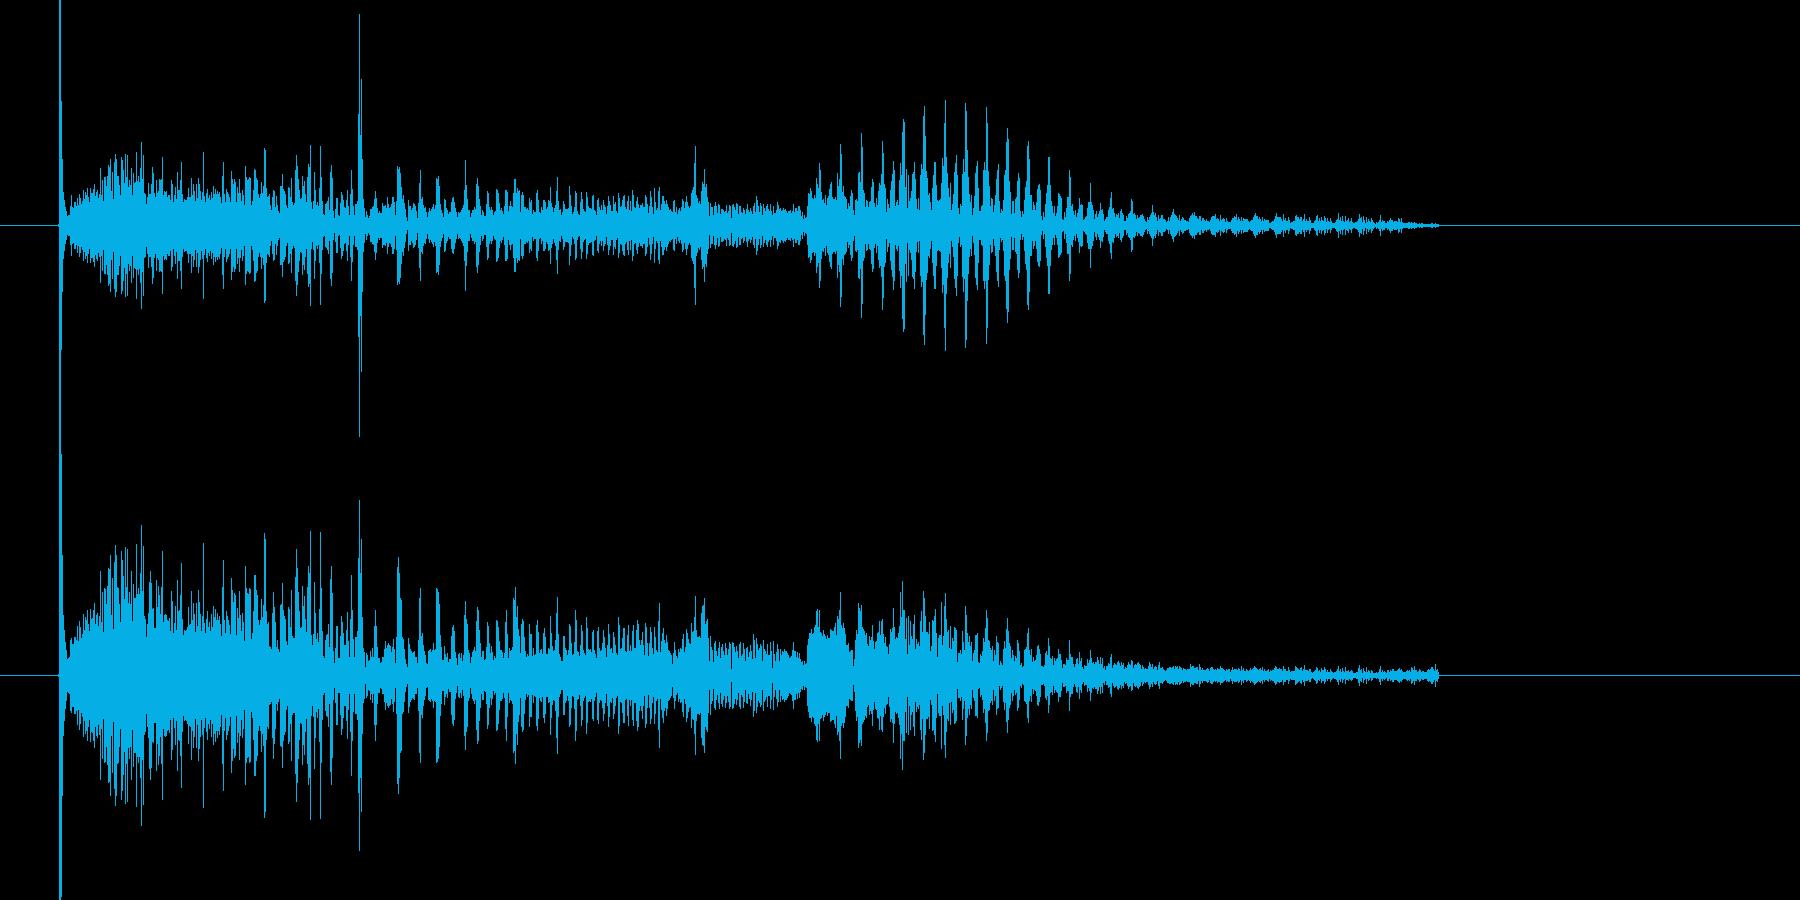 キューン キュキュキューン(シンセ音)の再生済みの波形